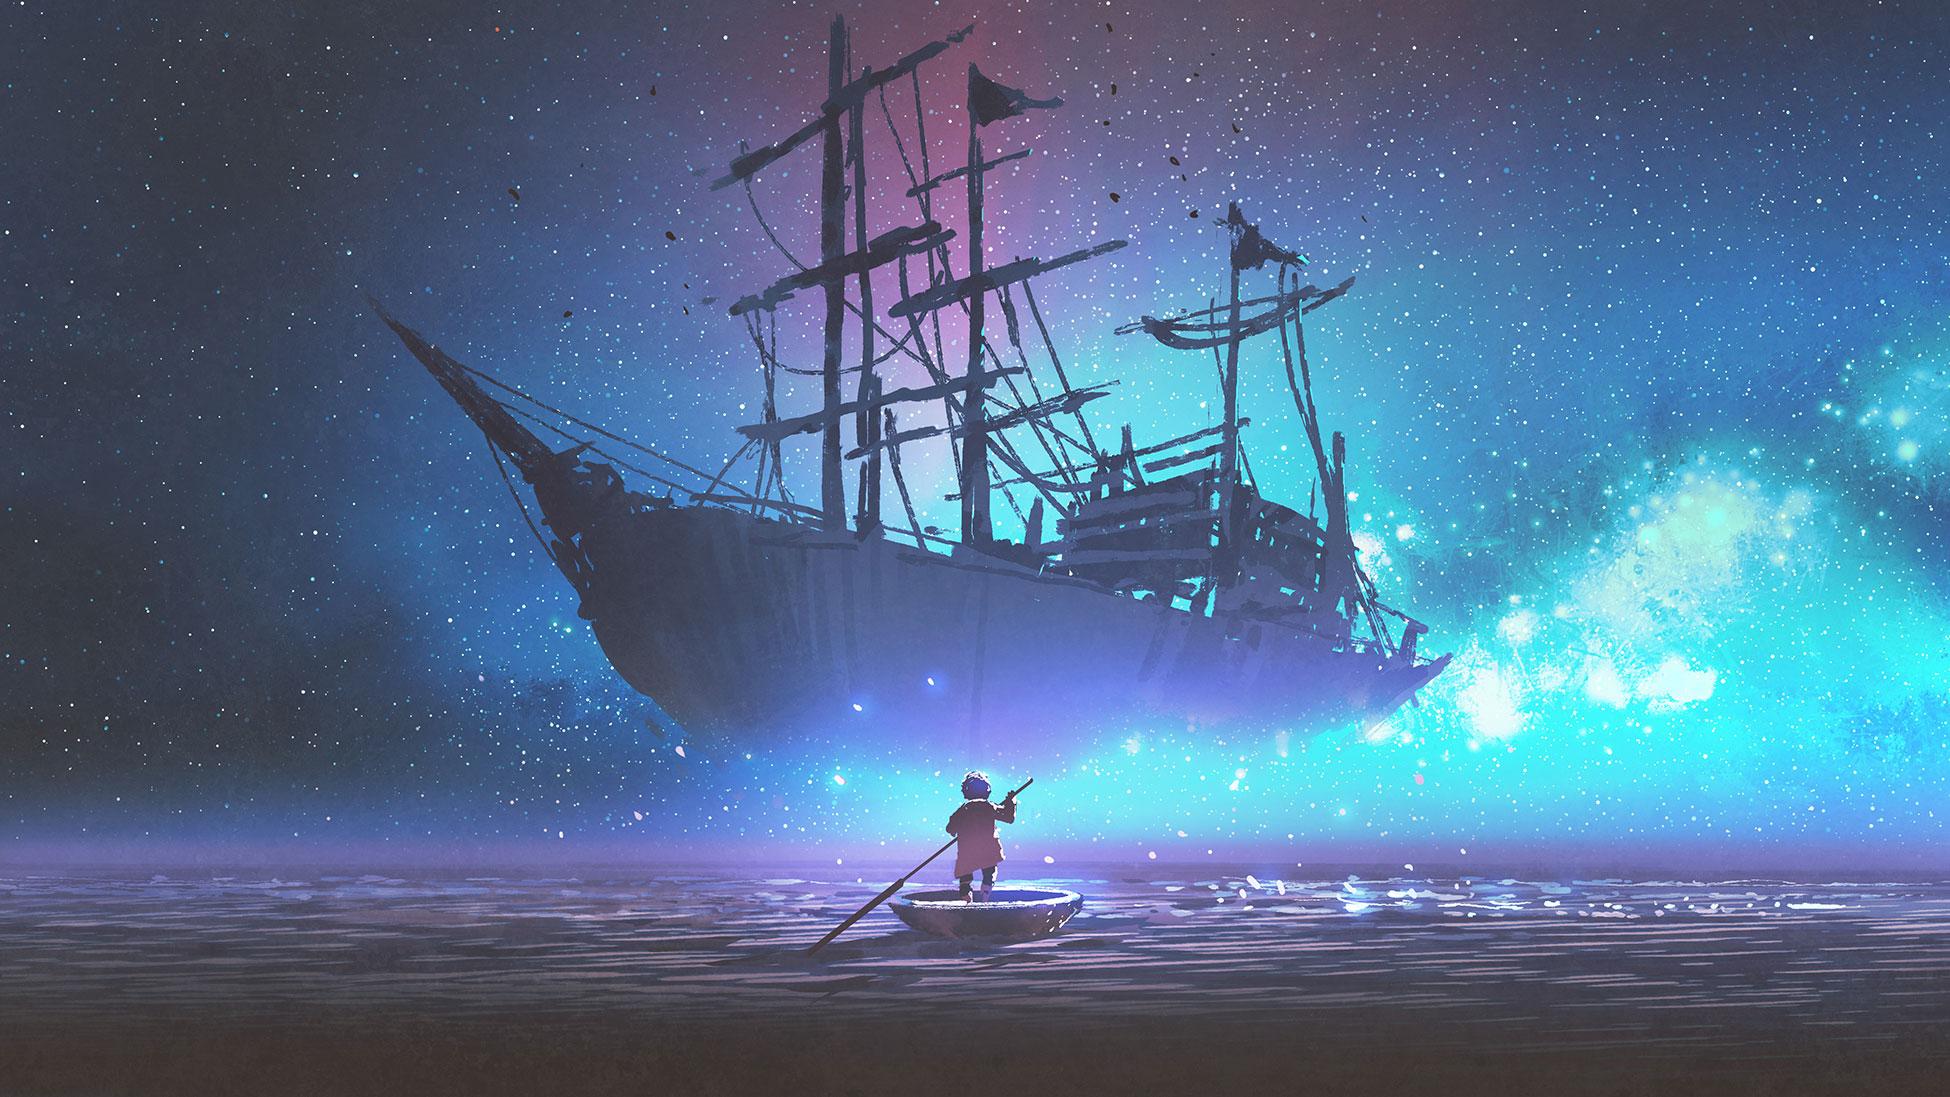 Illustration girl in boat